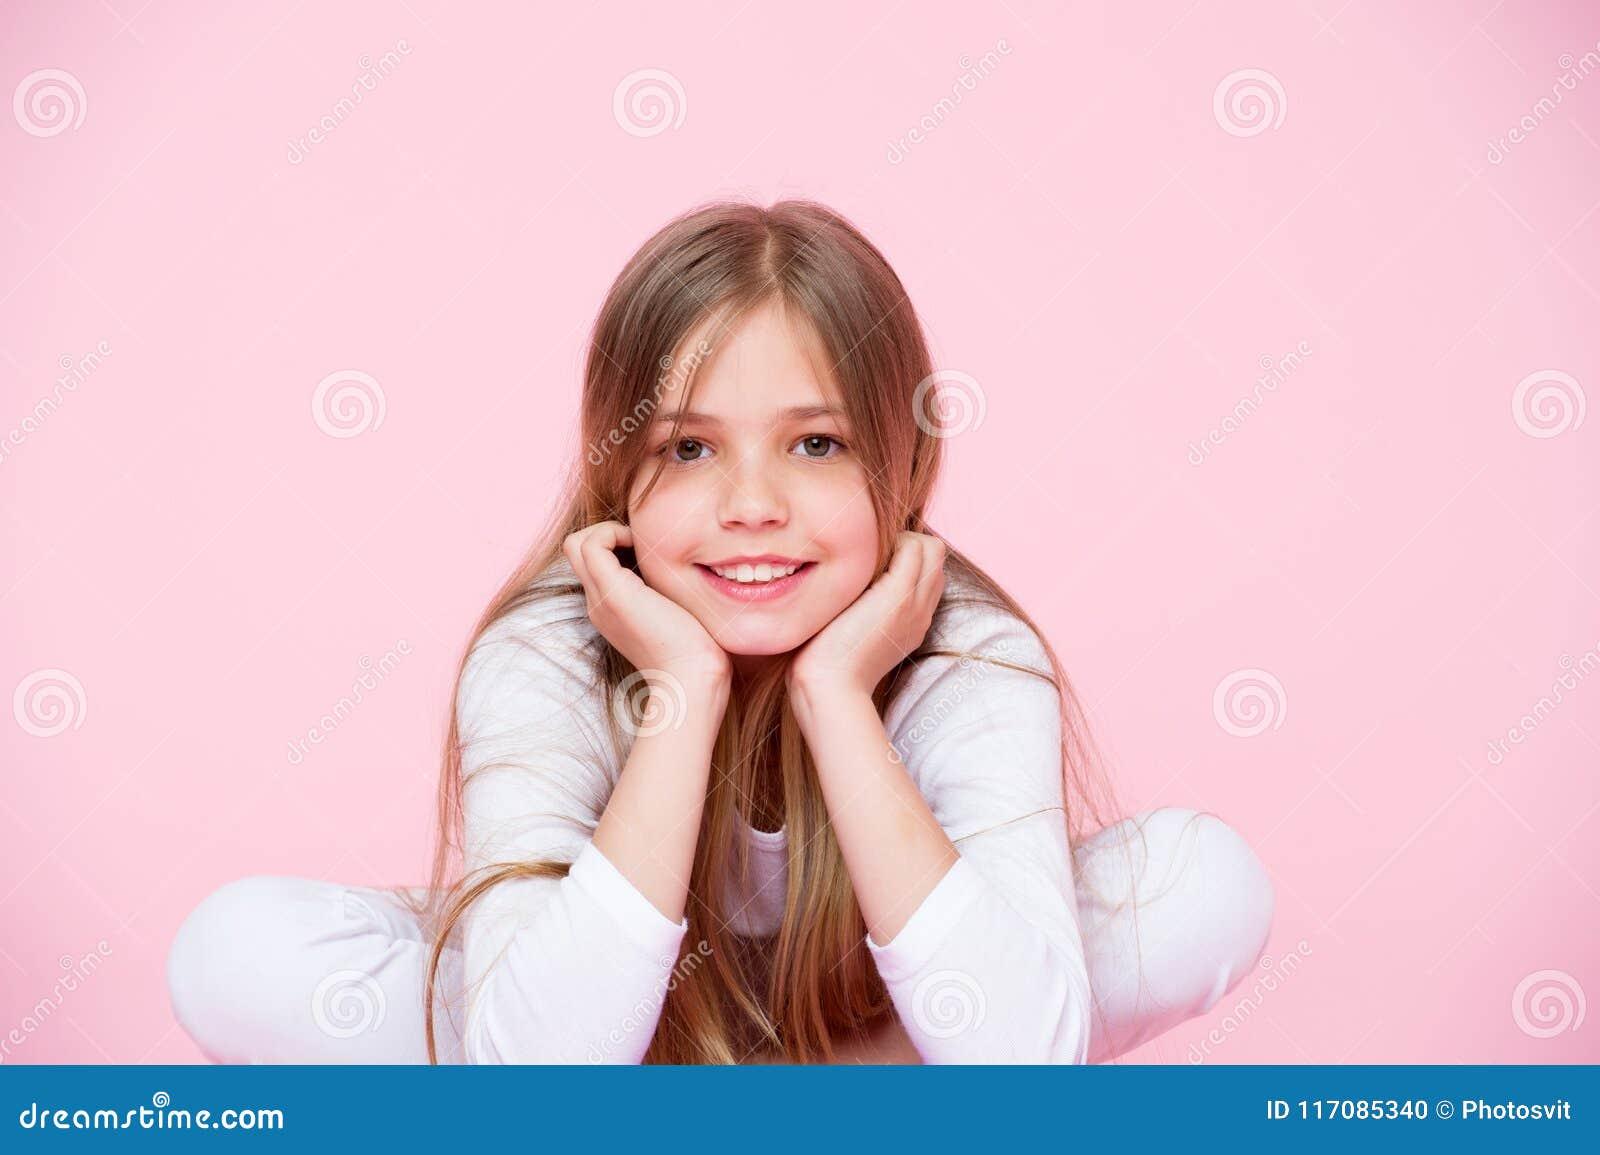 Olhar da beleza e cuidados capilares, cor pastel punchy Fundo do rosa do sorriso da menina Criança feliz com cara bonito Criança